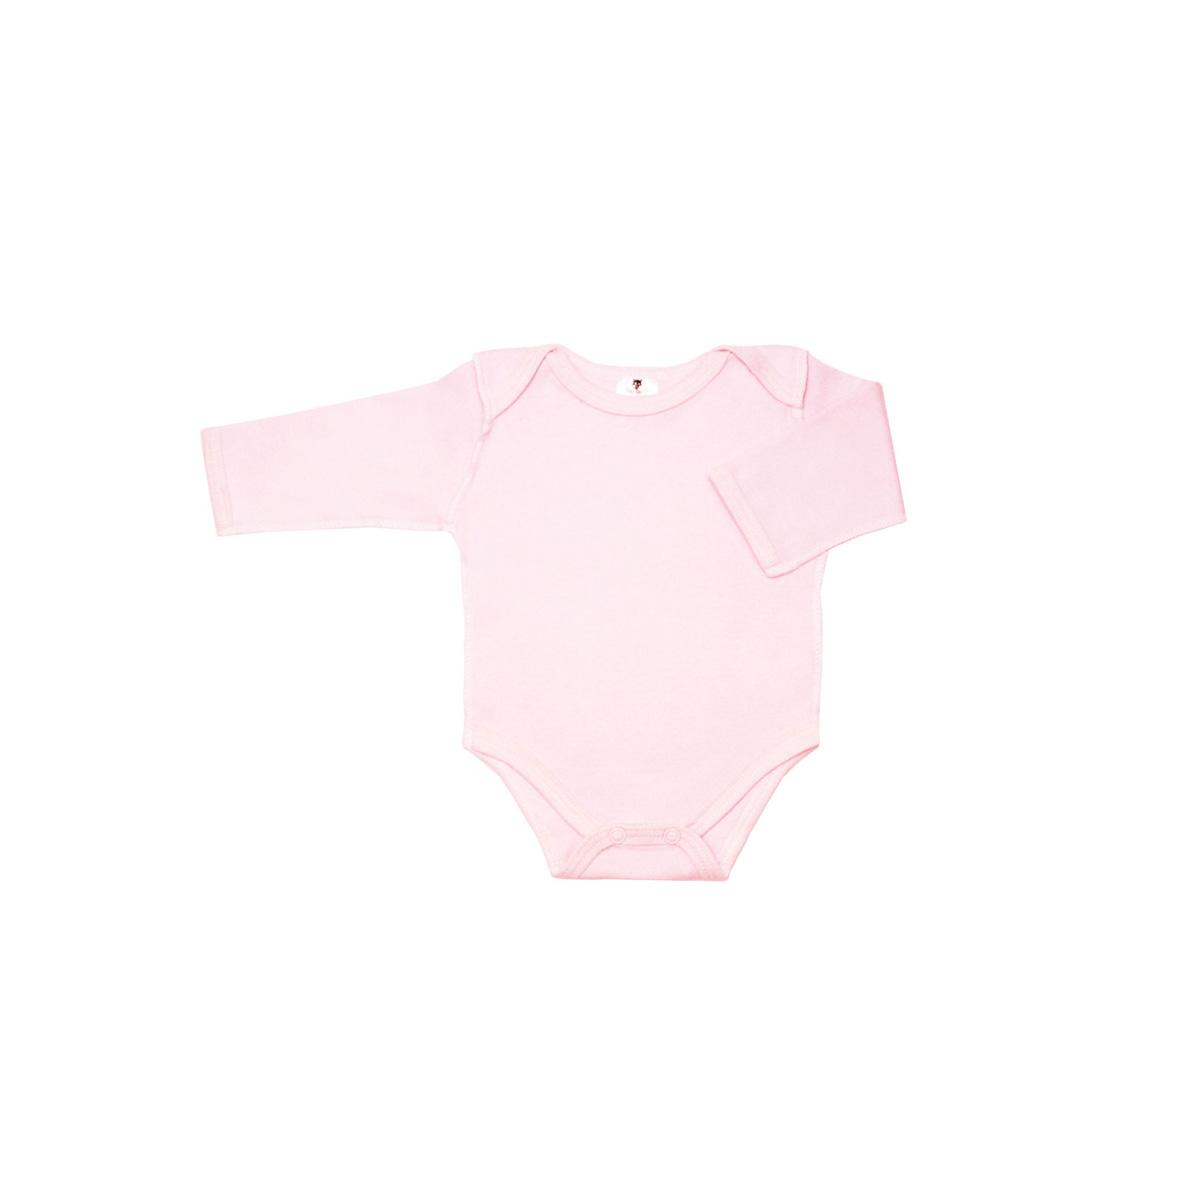 Боди с рукавом КОТМАРКОТ для девочки, цвет однотонный розовый 3-6 мес (размер 68)<br>